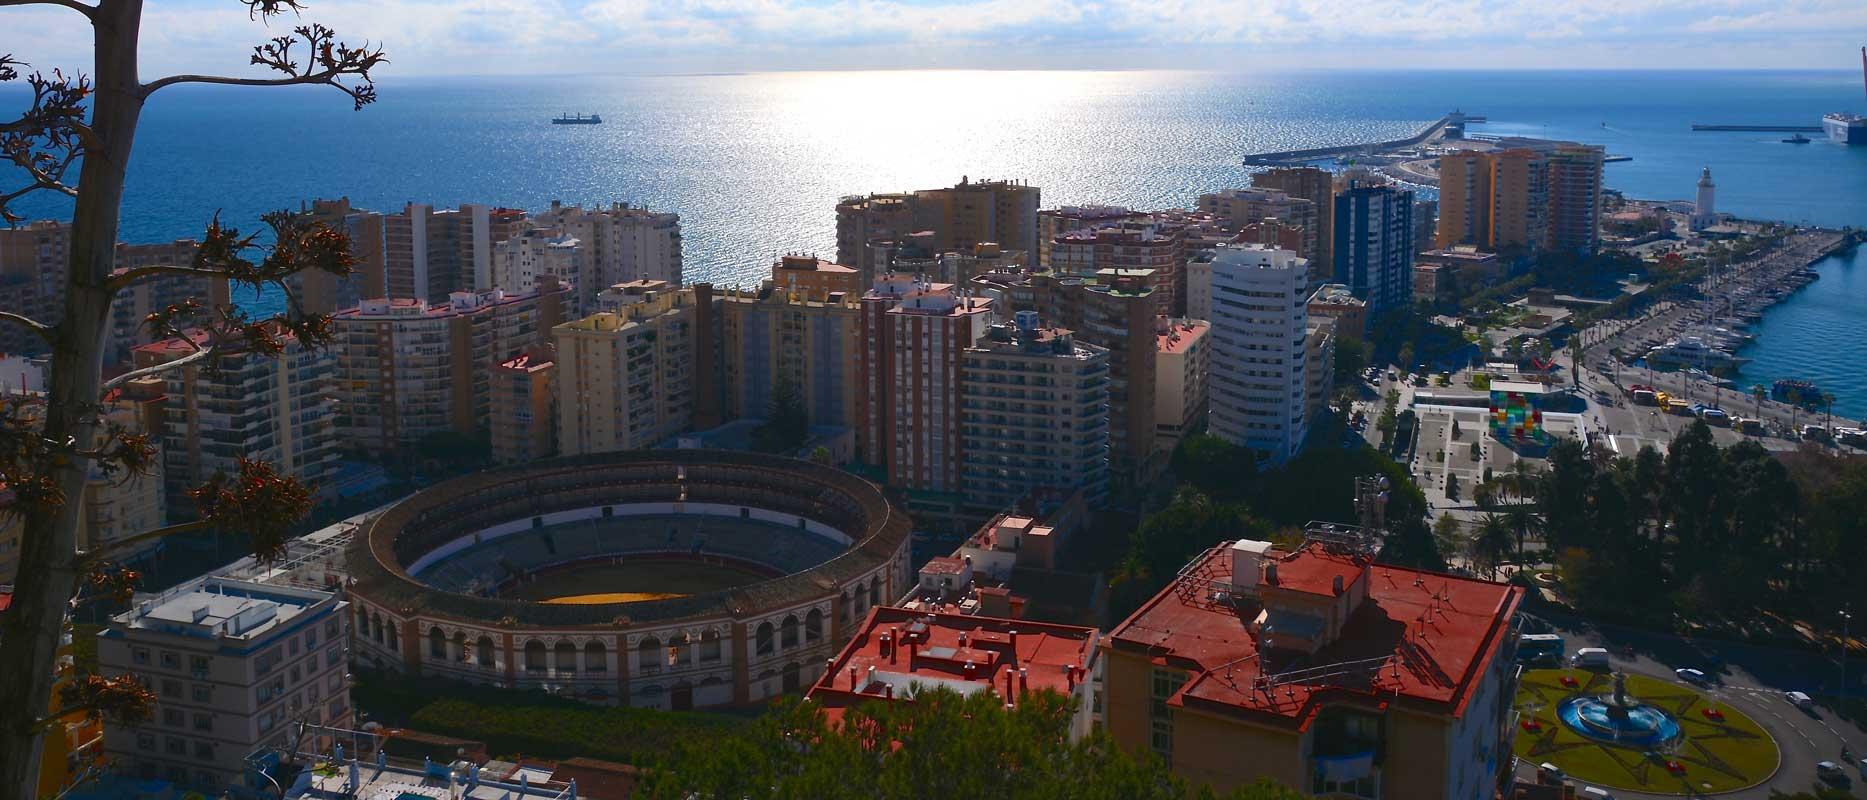 be0906b5 Reiseguide: 7 ting du må gjøre i Malaga - re:member